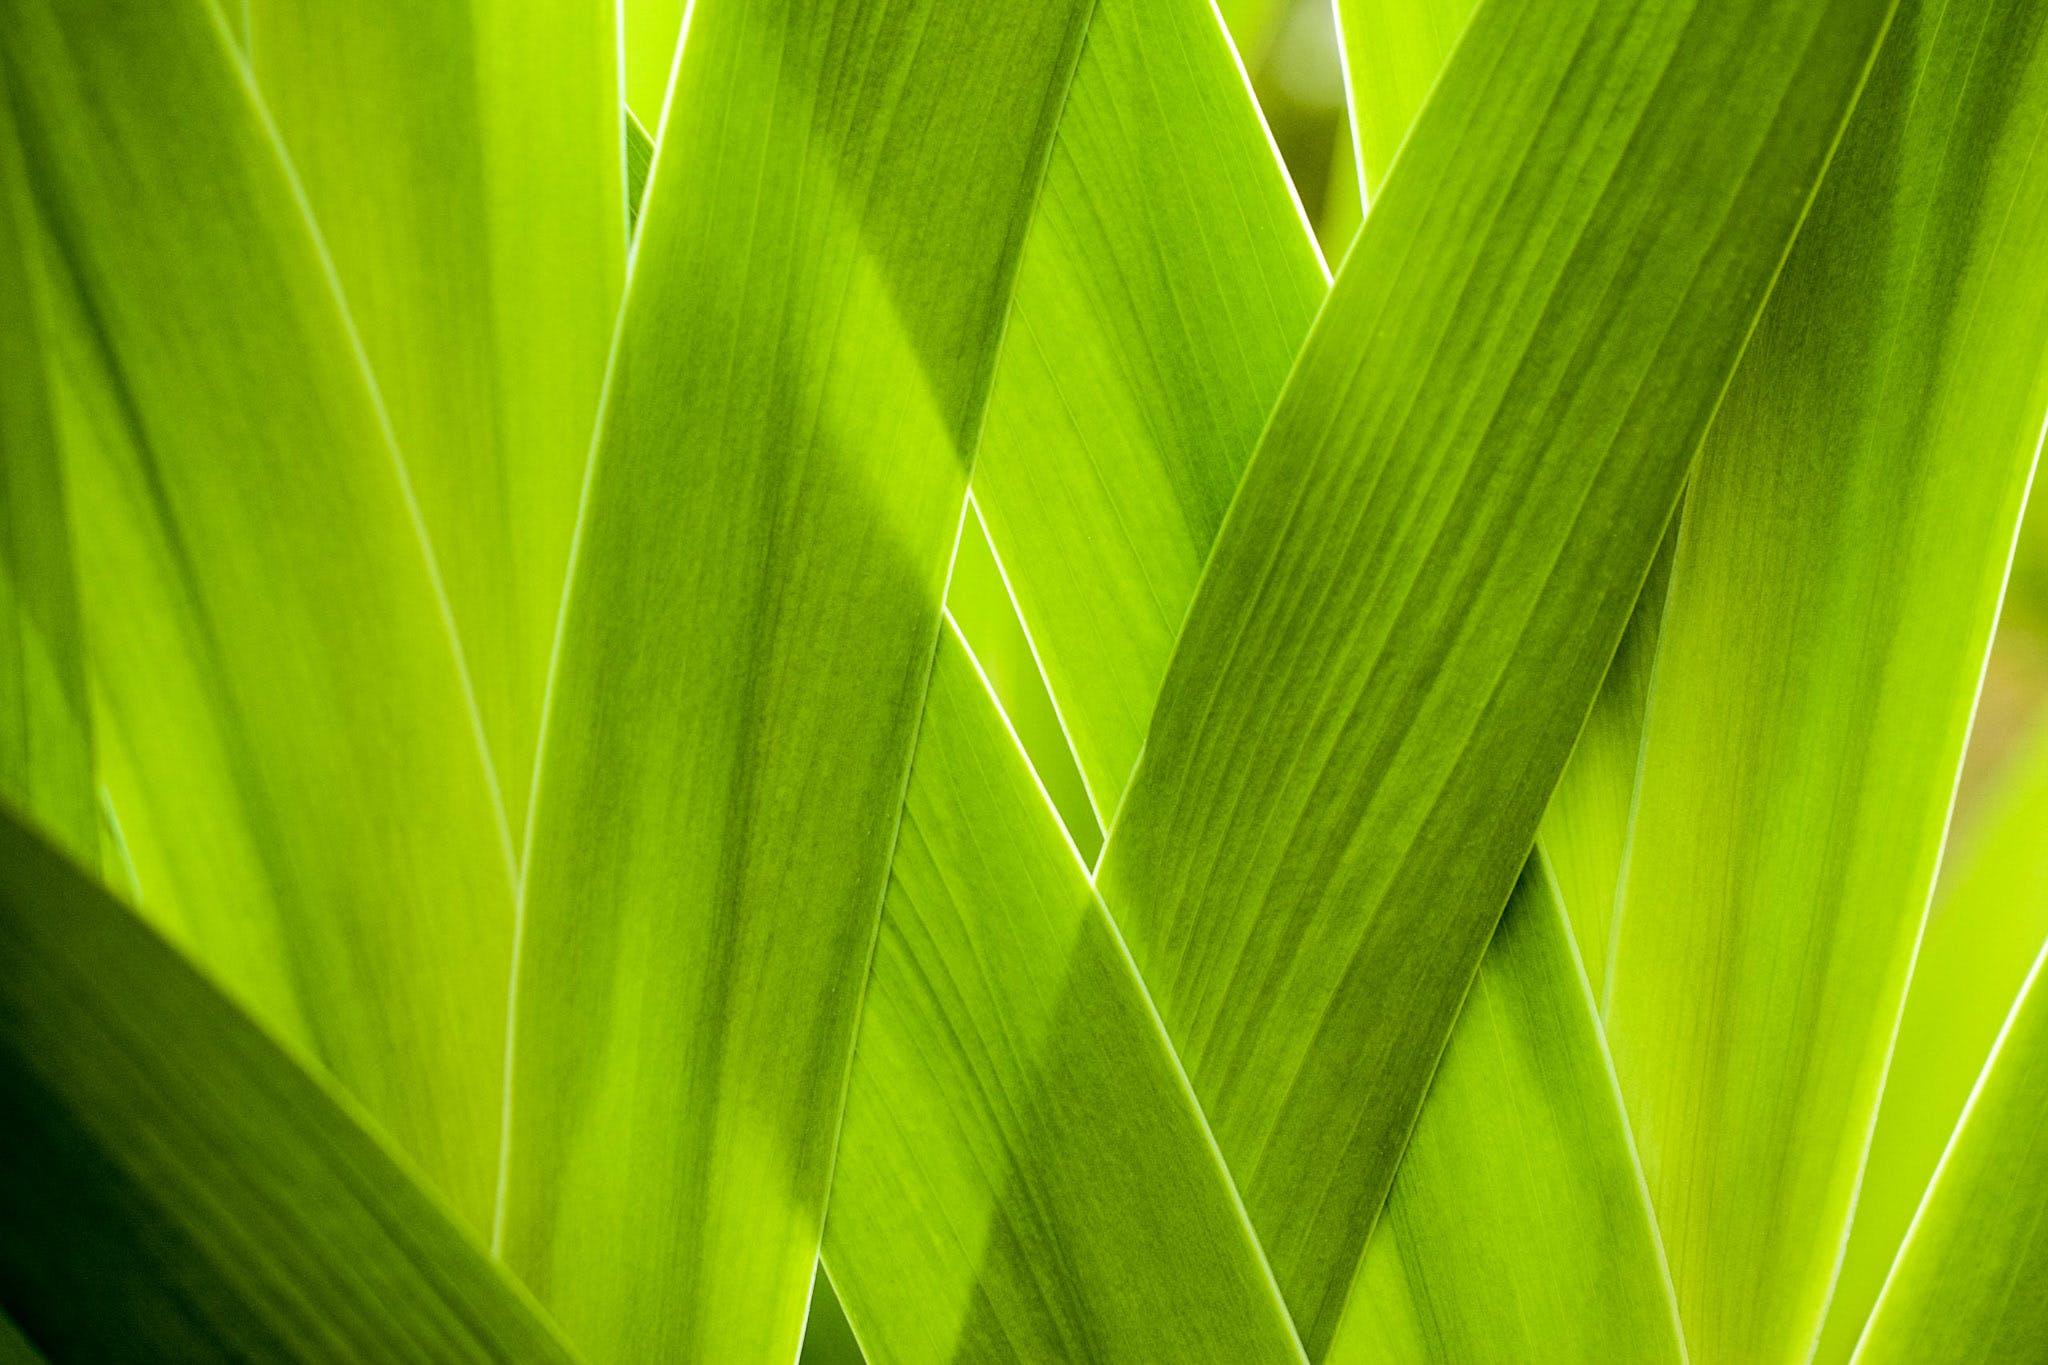 Gratis lagerfoto af close-up, grøn, have, natur